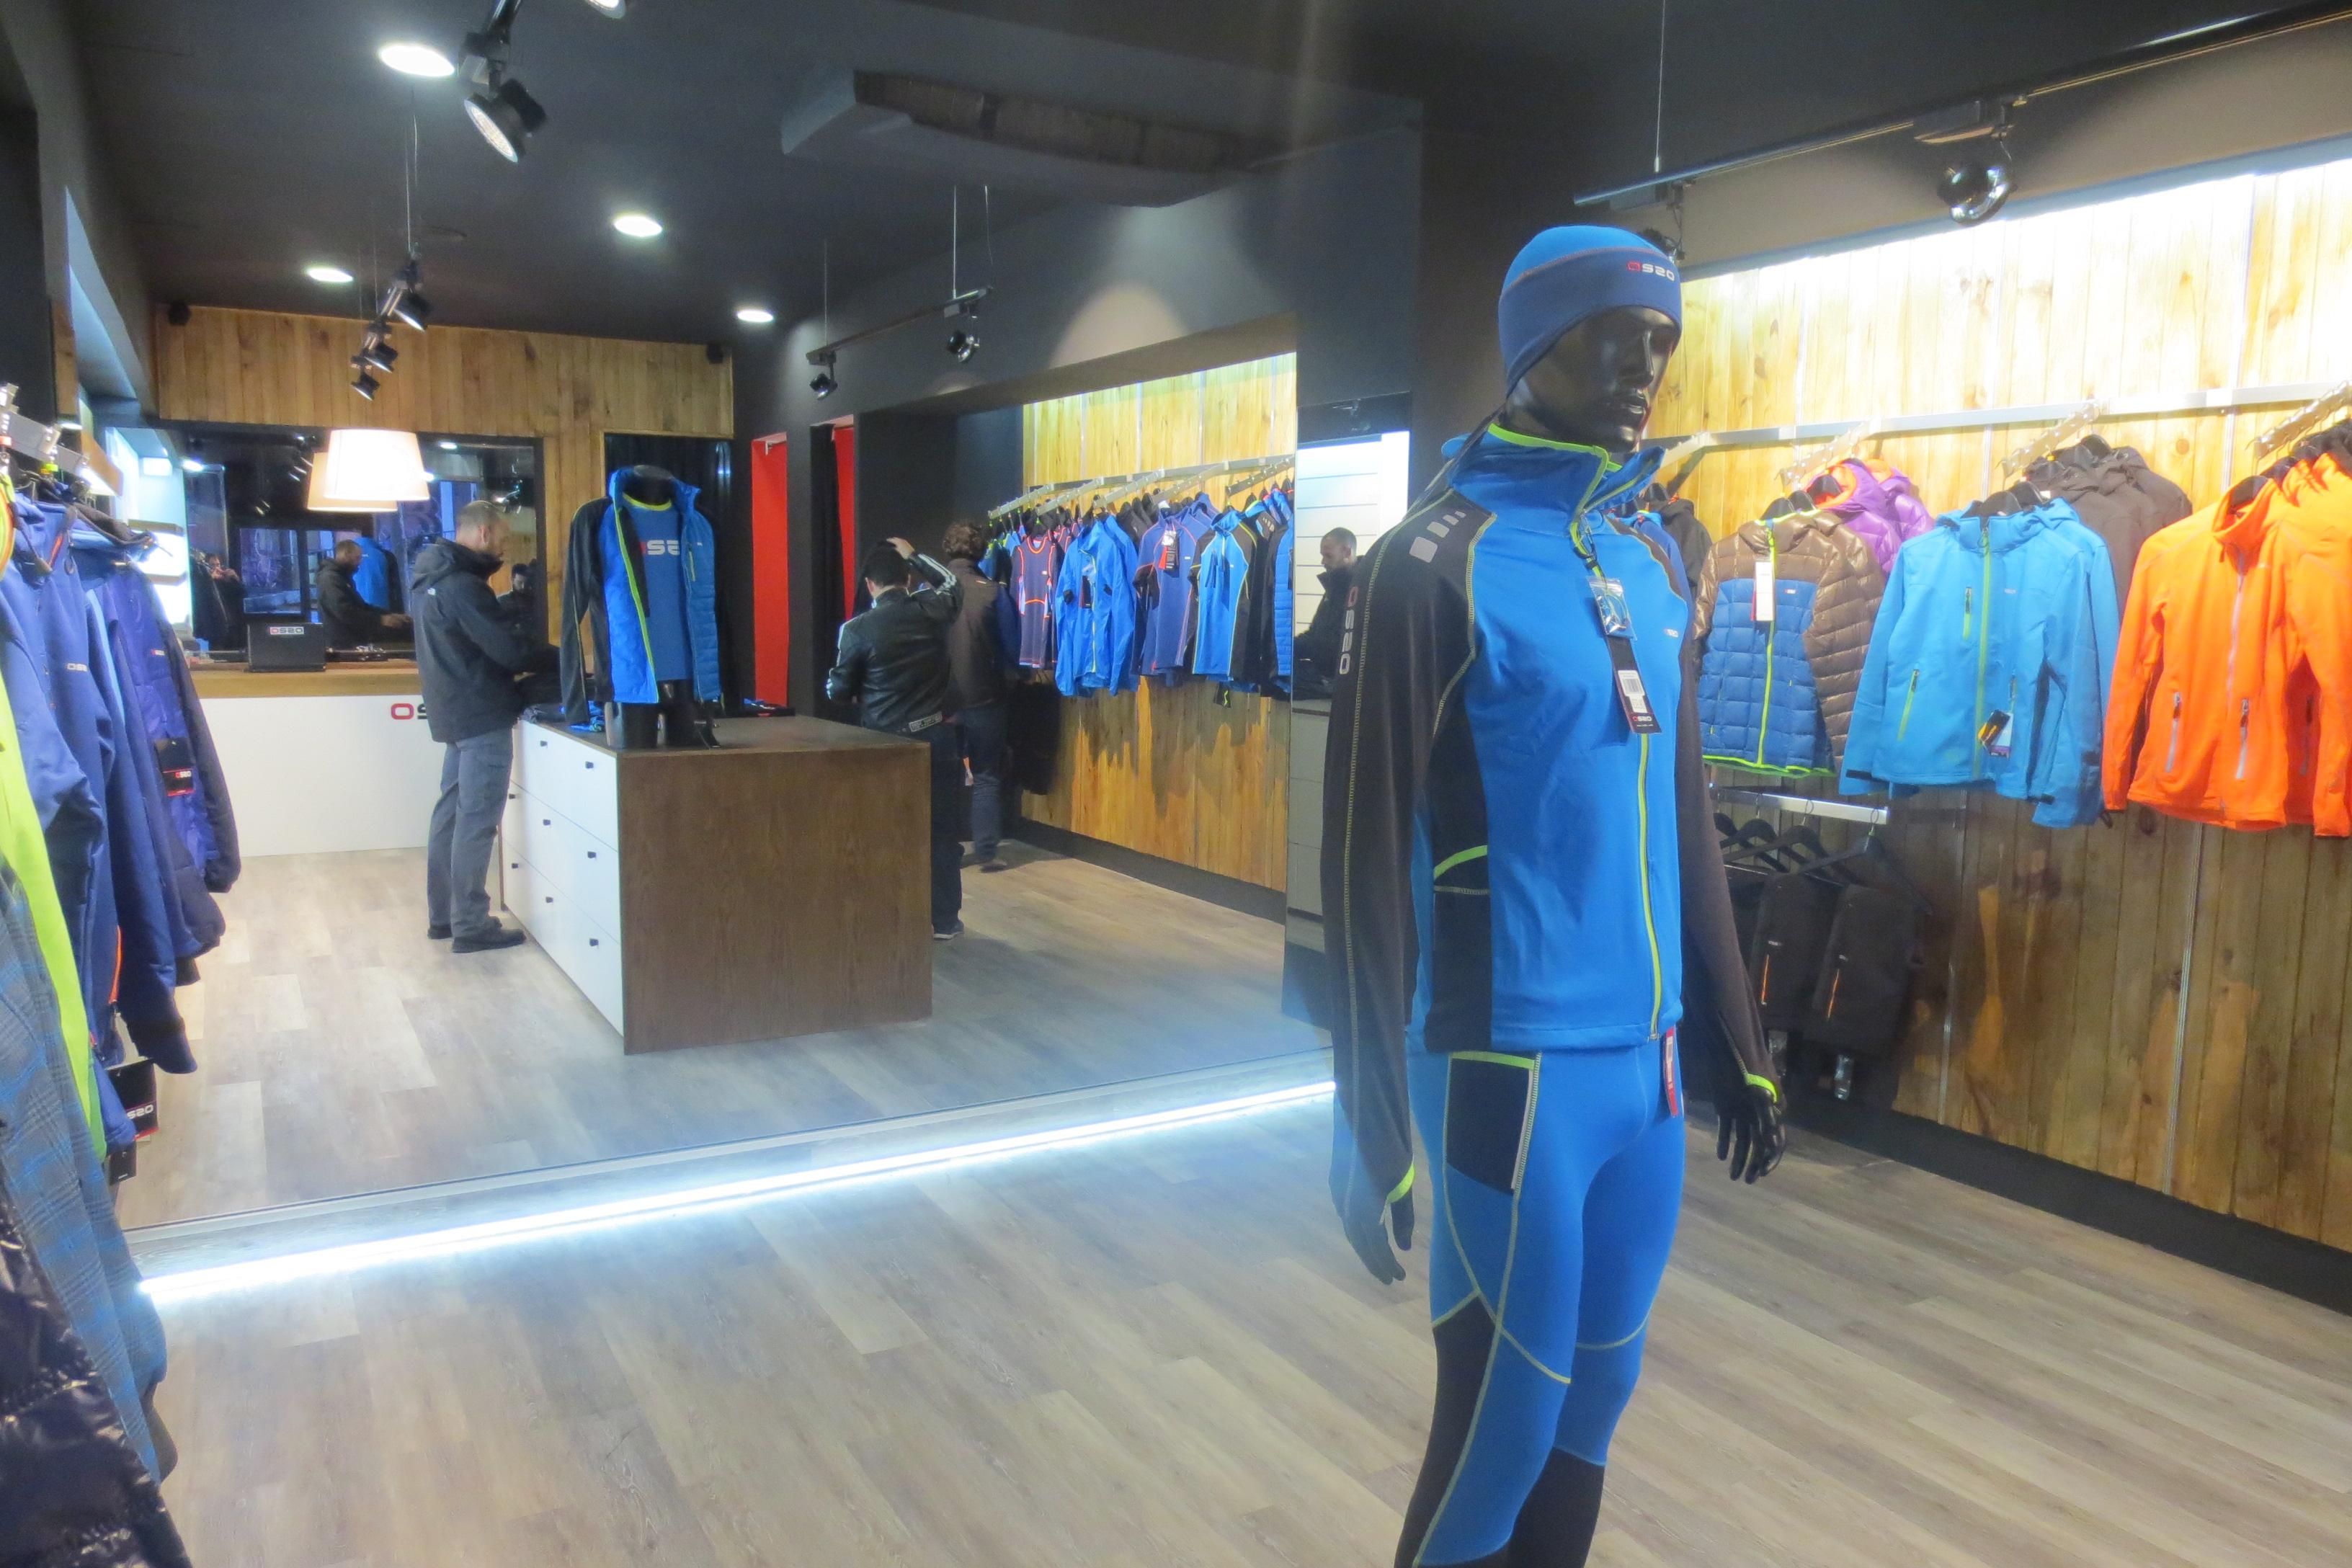 Os2o madrid una tienda de ropa de monta a desde dentro o blog - Tienda de cortinas madrid ...